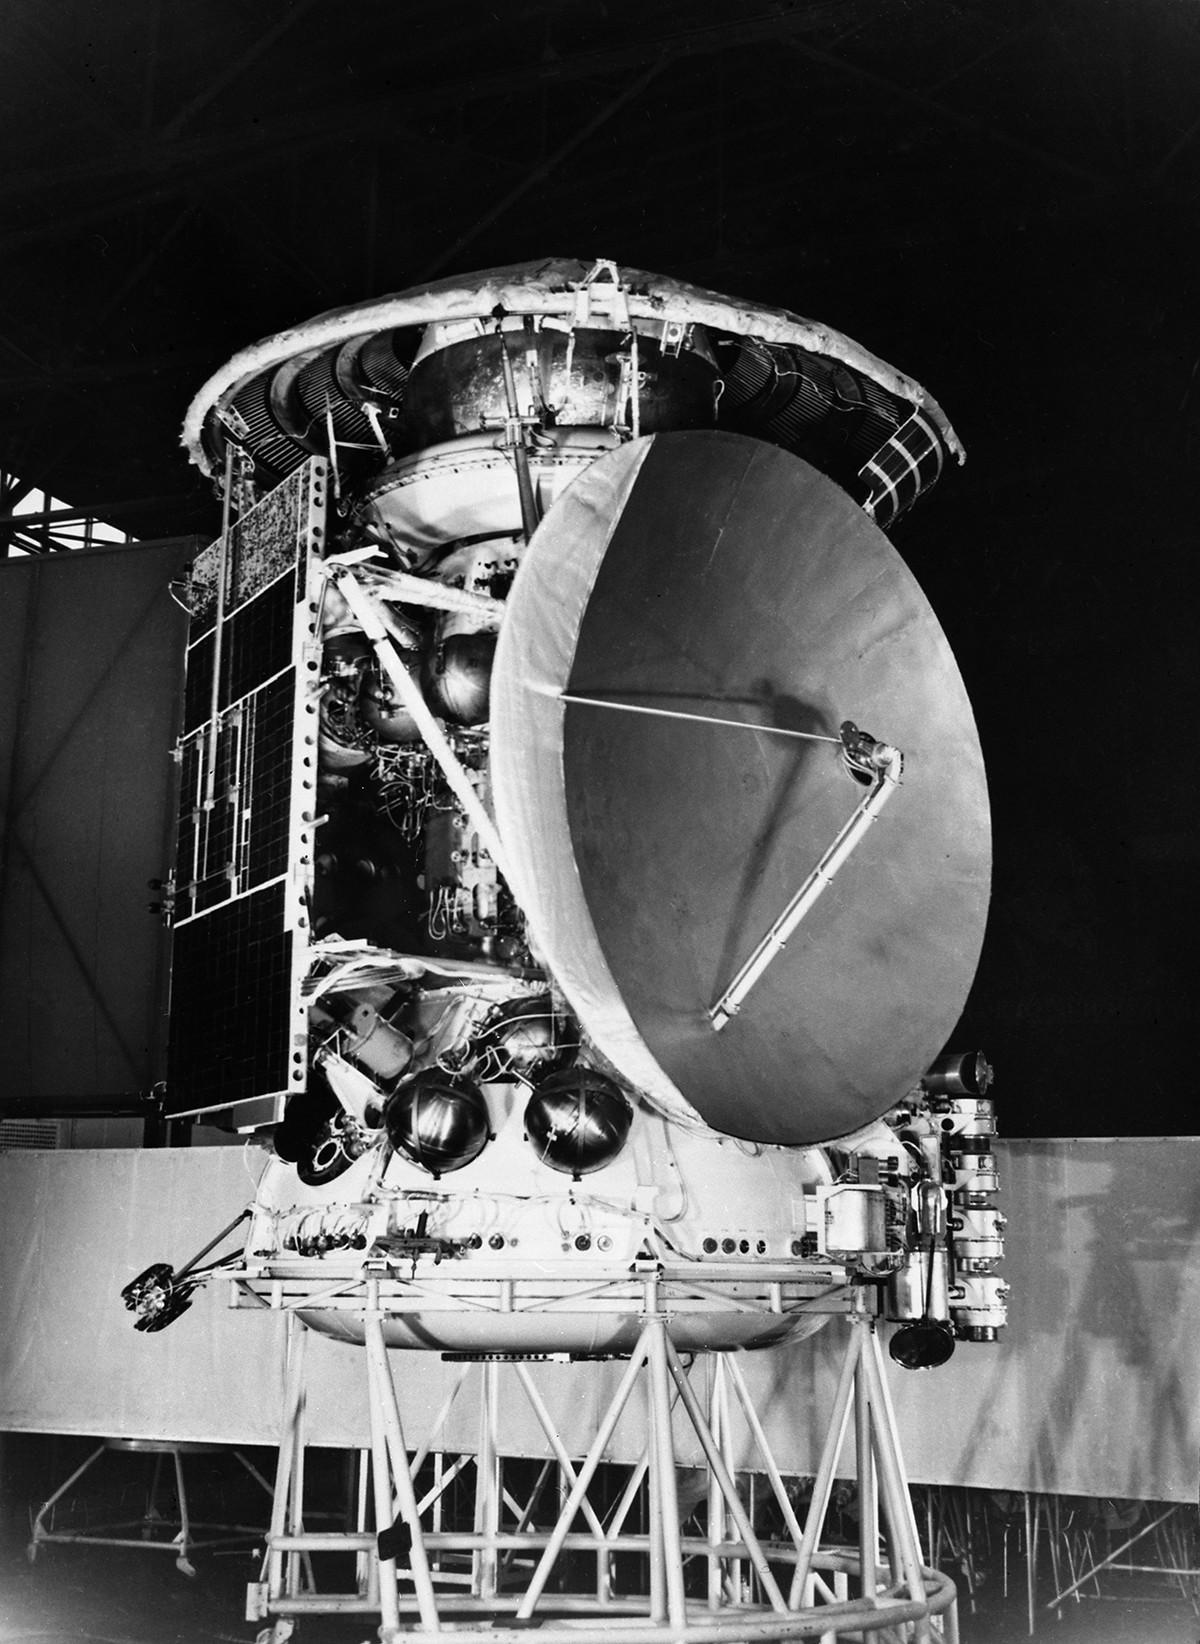 La sonda interplanetaria sovietica Mars 3 lanciata il 28 maggio 1971